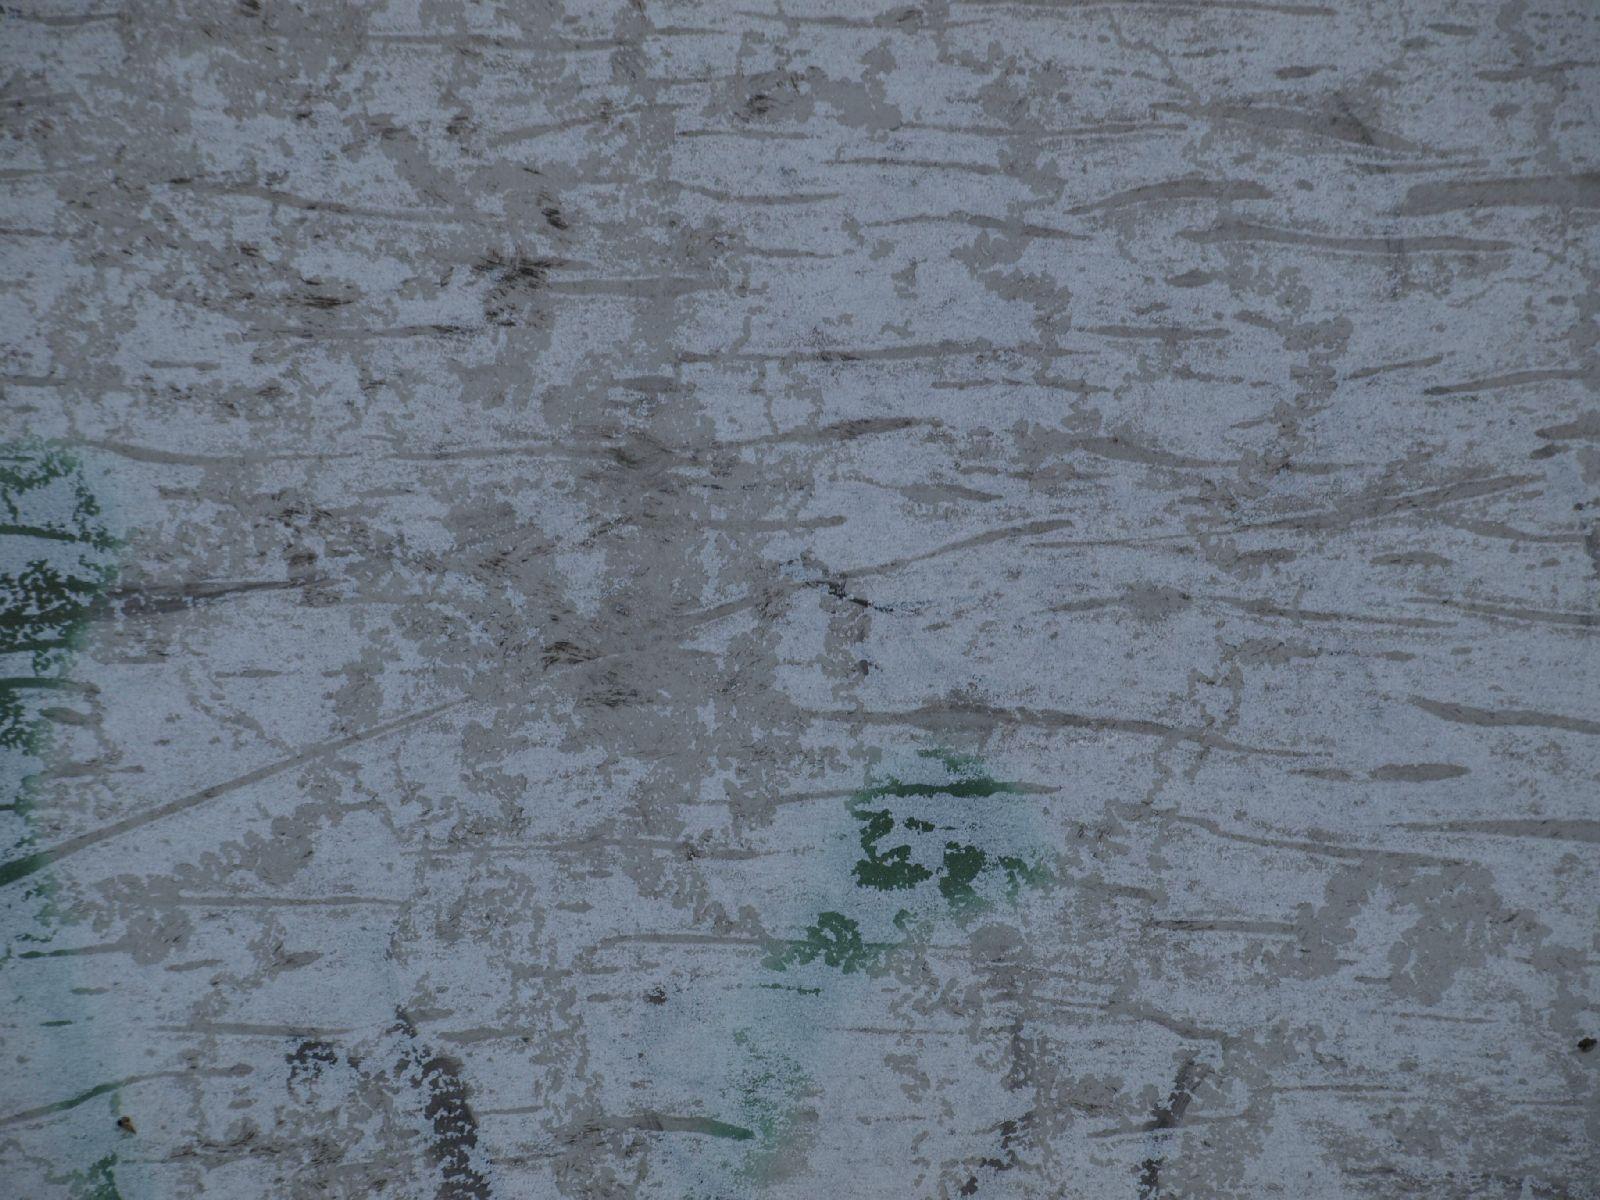 Grunge-Dreck_Textur_A_P8289279